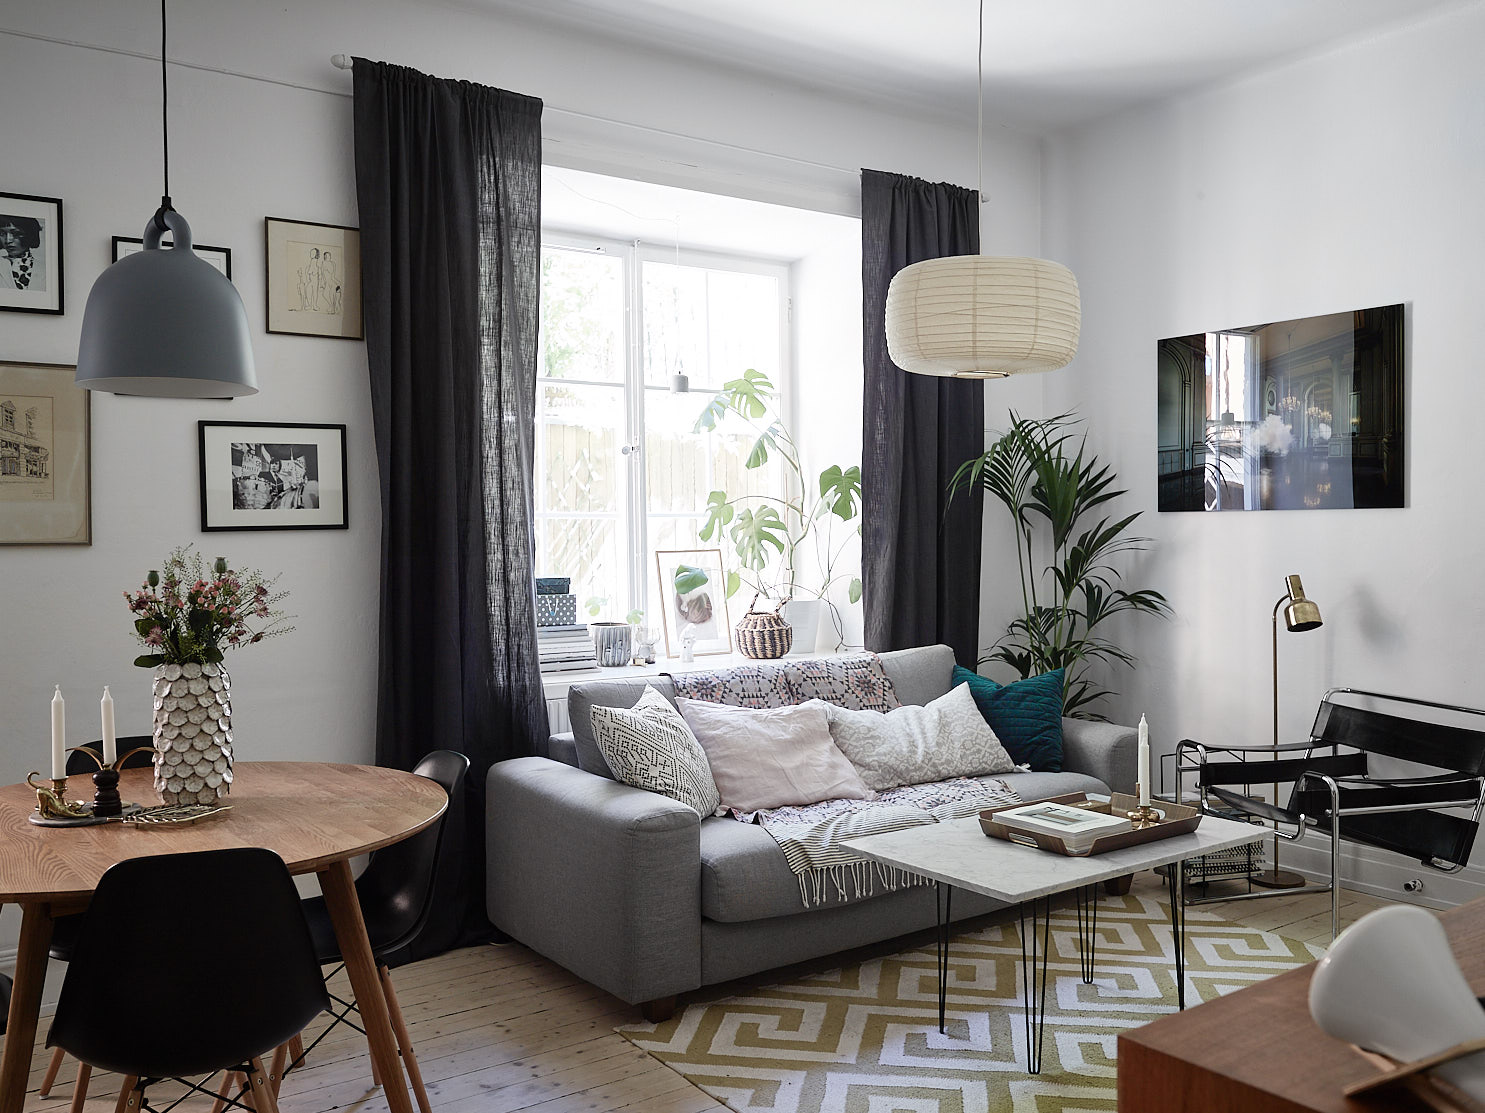 гостиная окно подоконник диван ковер журнальный столик